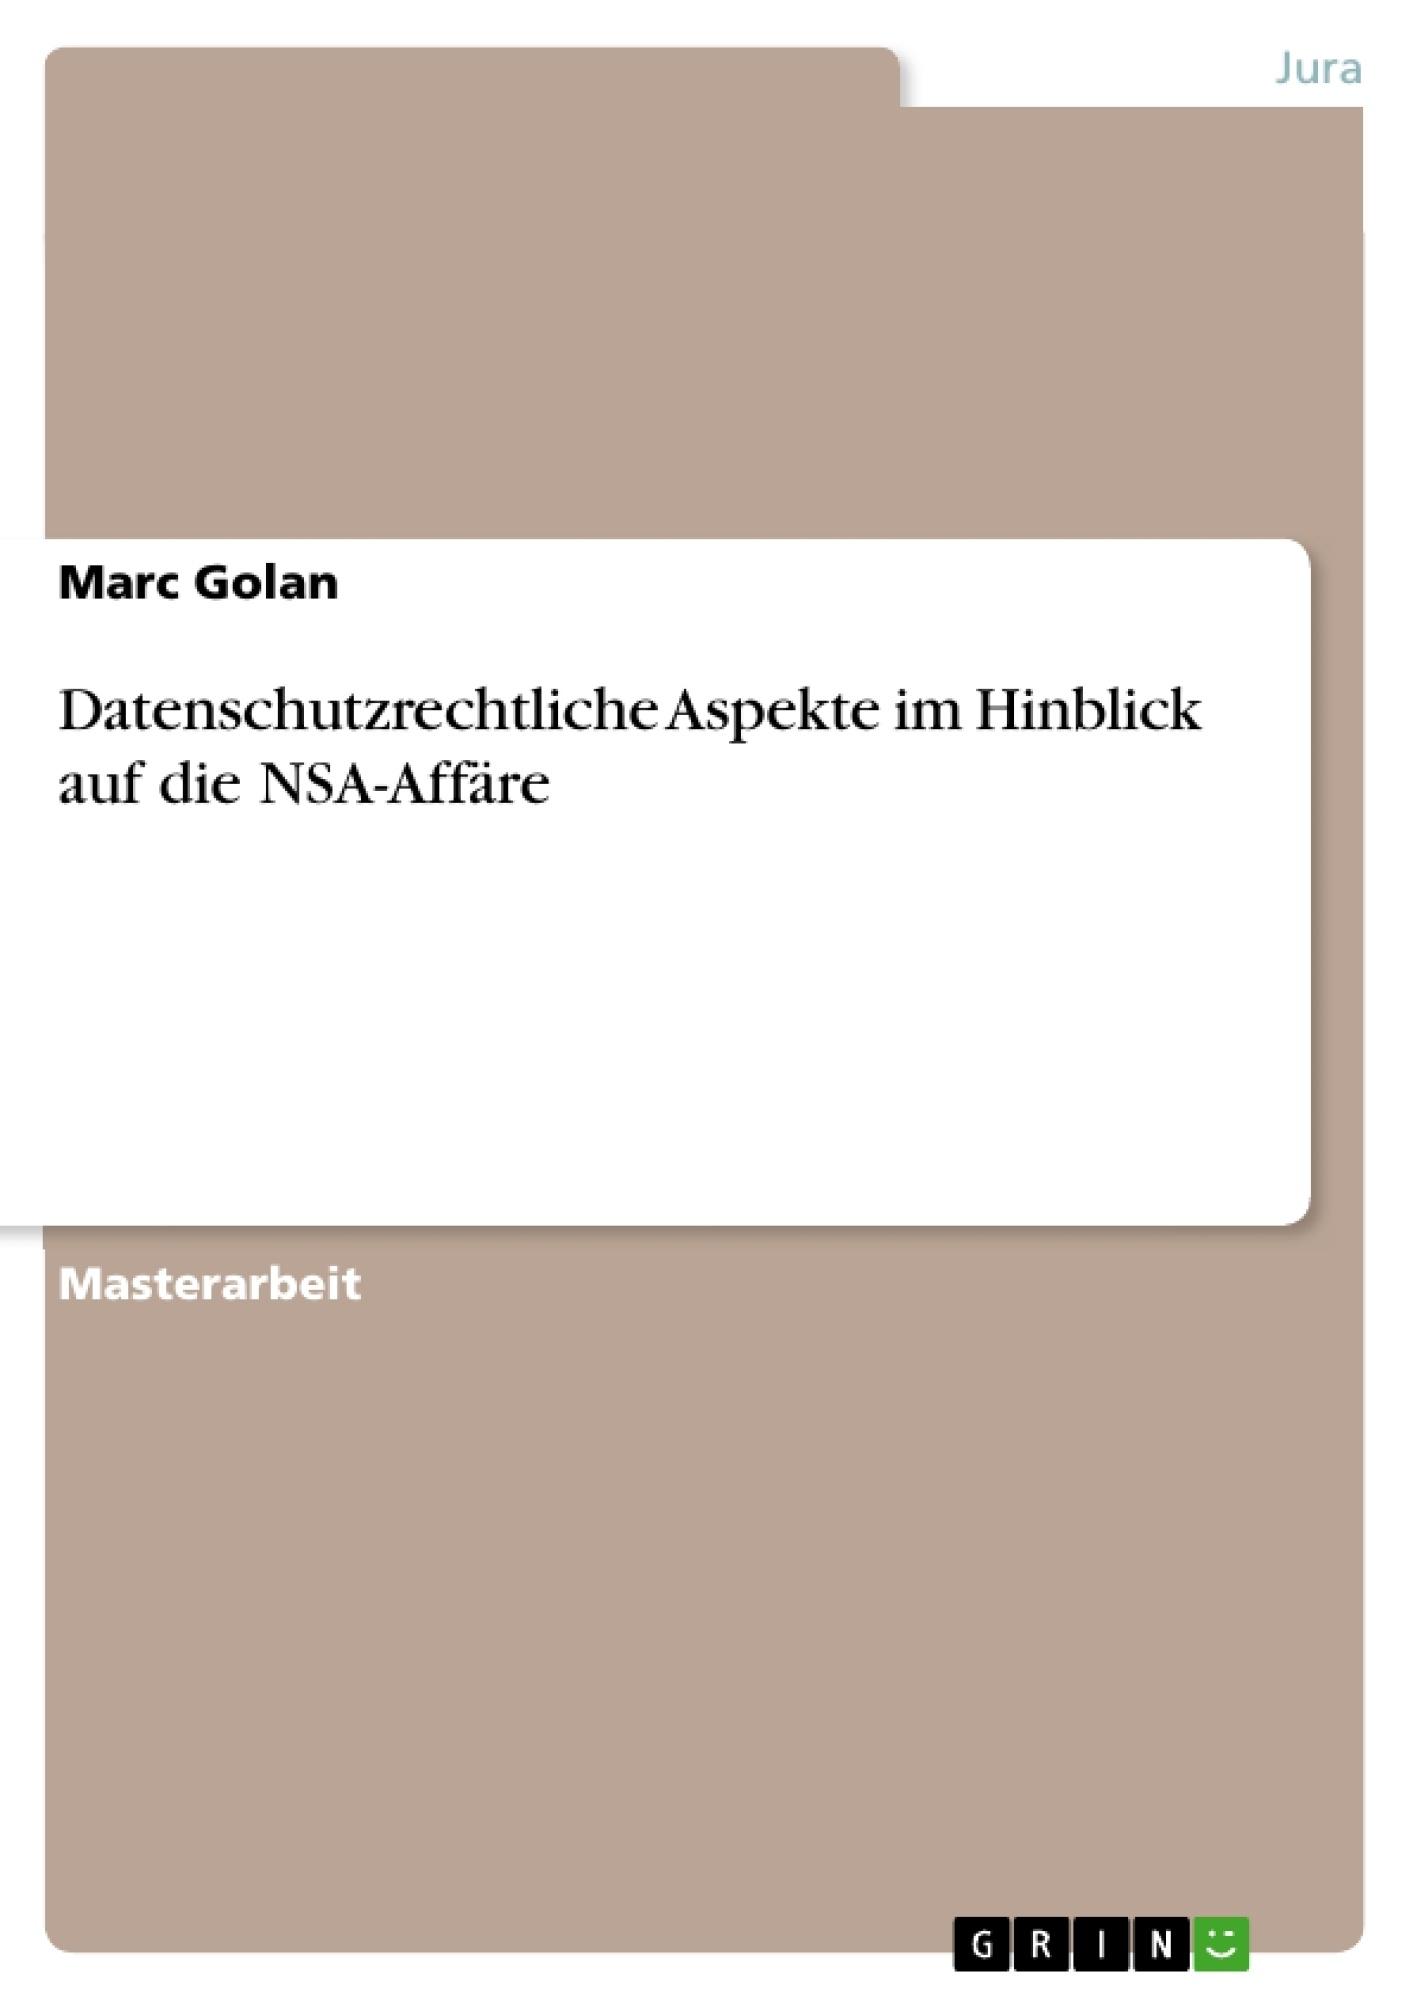 Titel: Datenschutzrechtliche Aspekte im Hinblick auf die NSA-Affäre